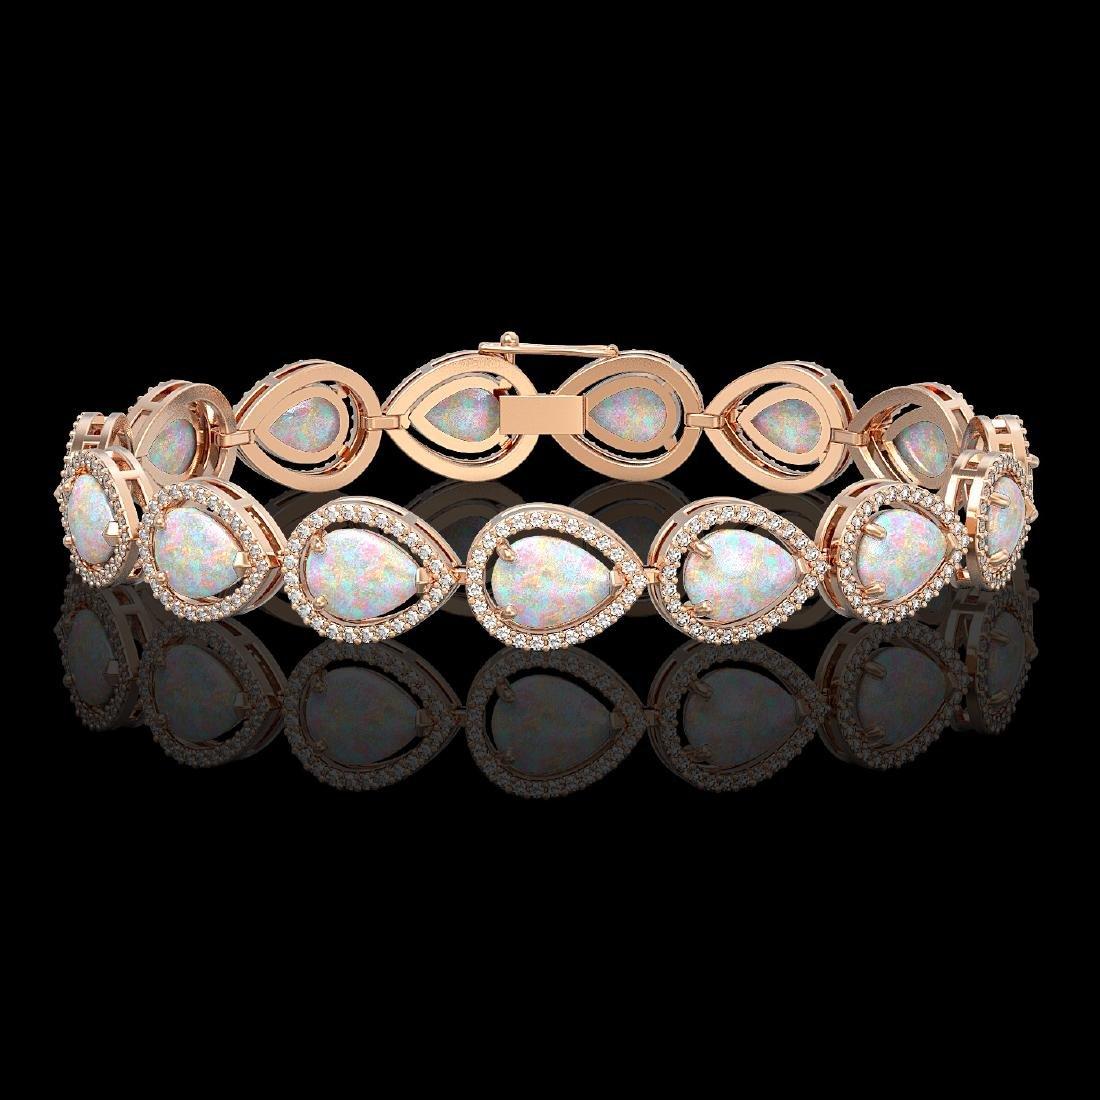 17.15 CTW Opal & Diamond Halo Bracelet 10K Rose Gold